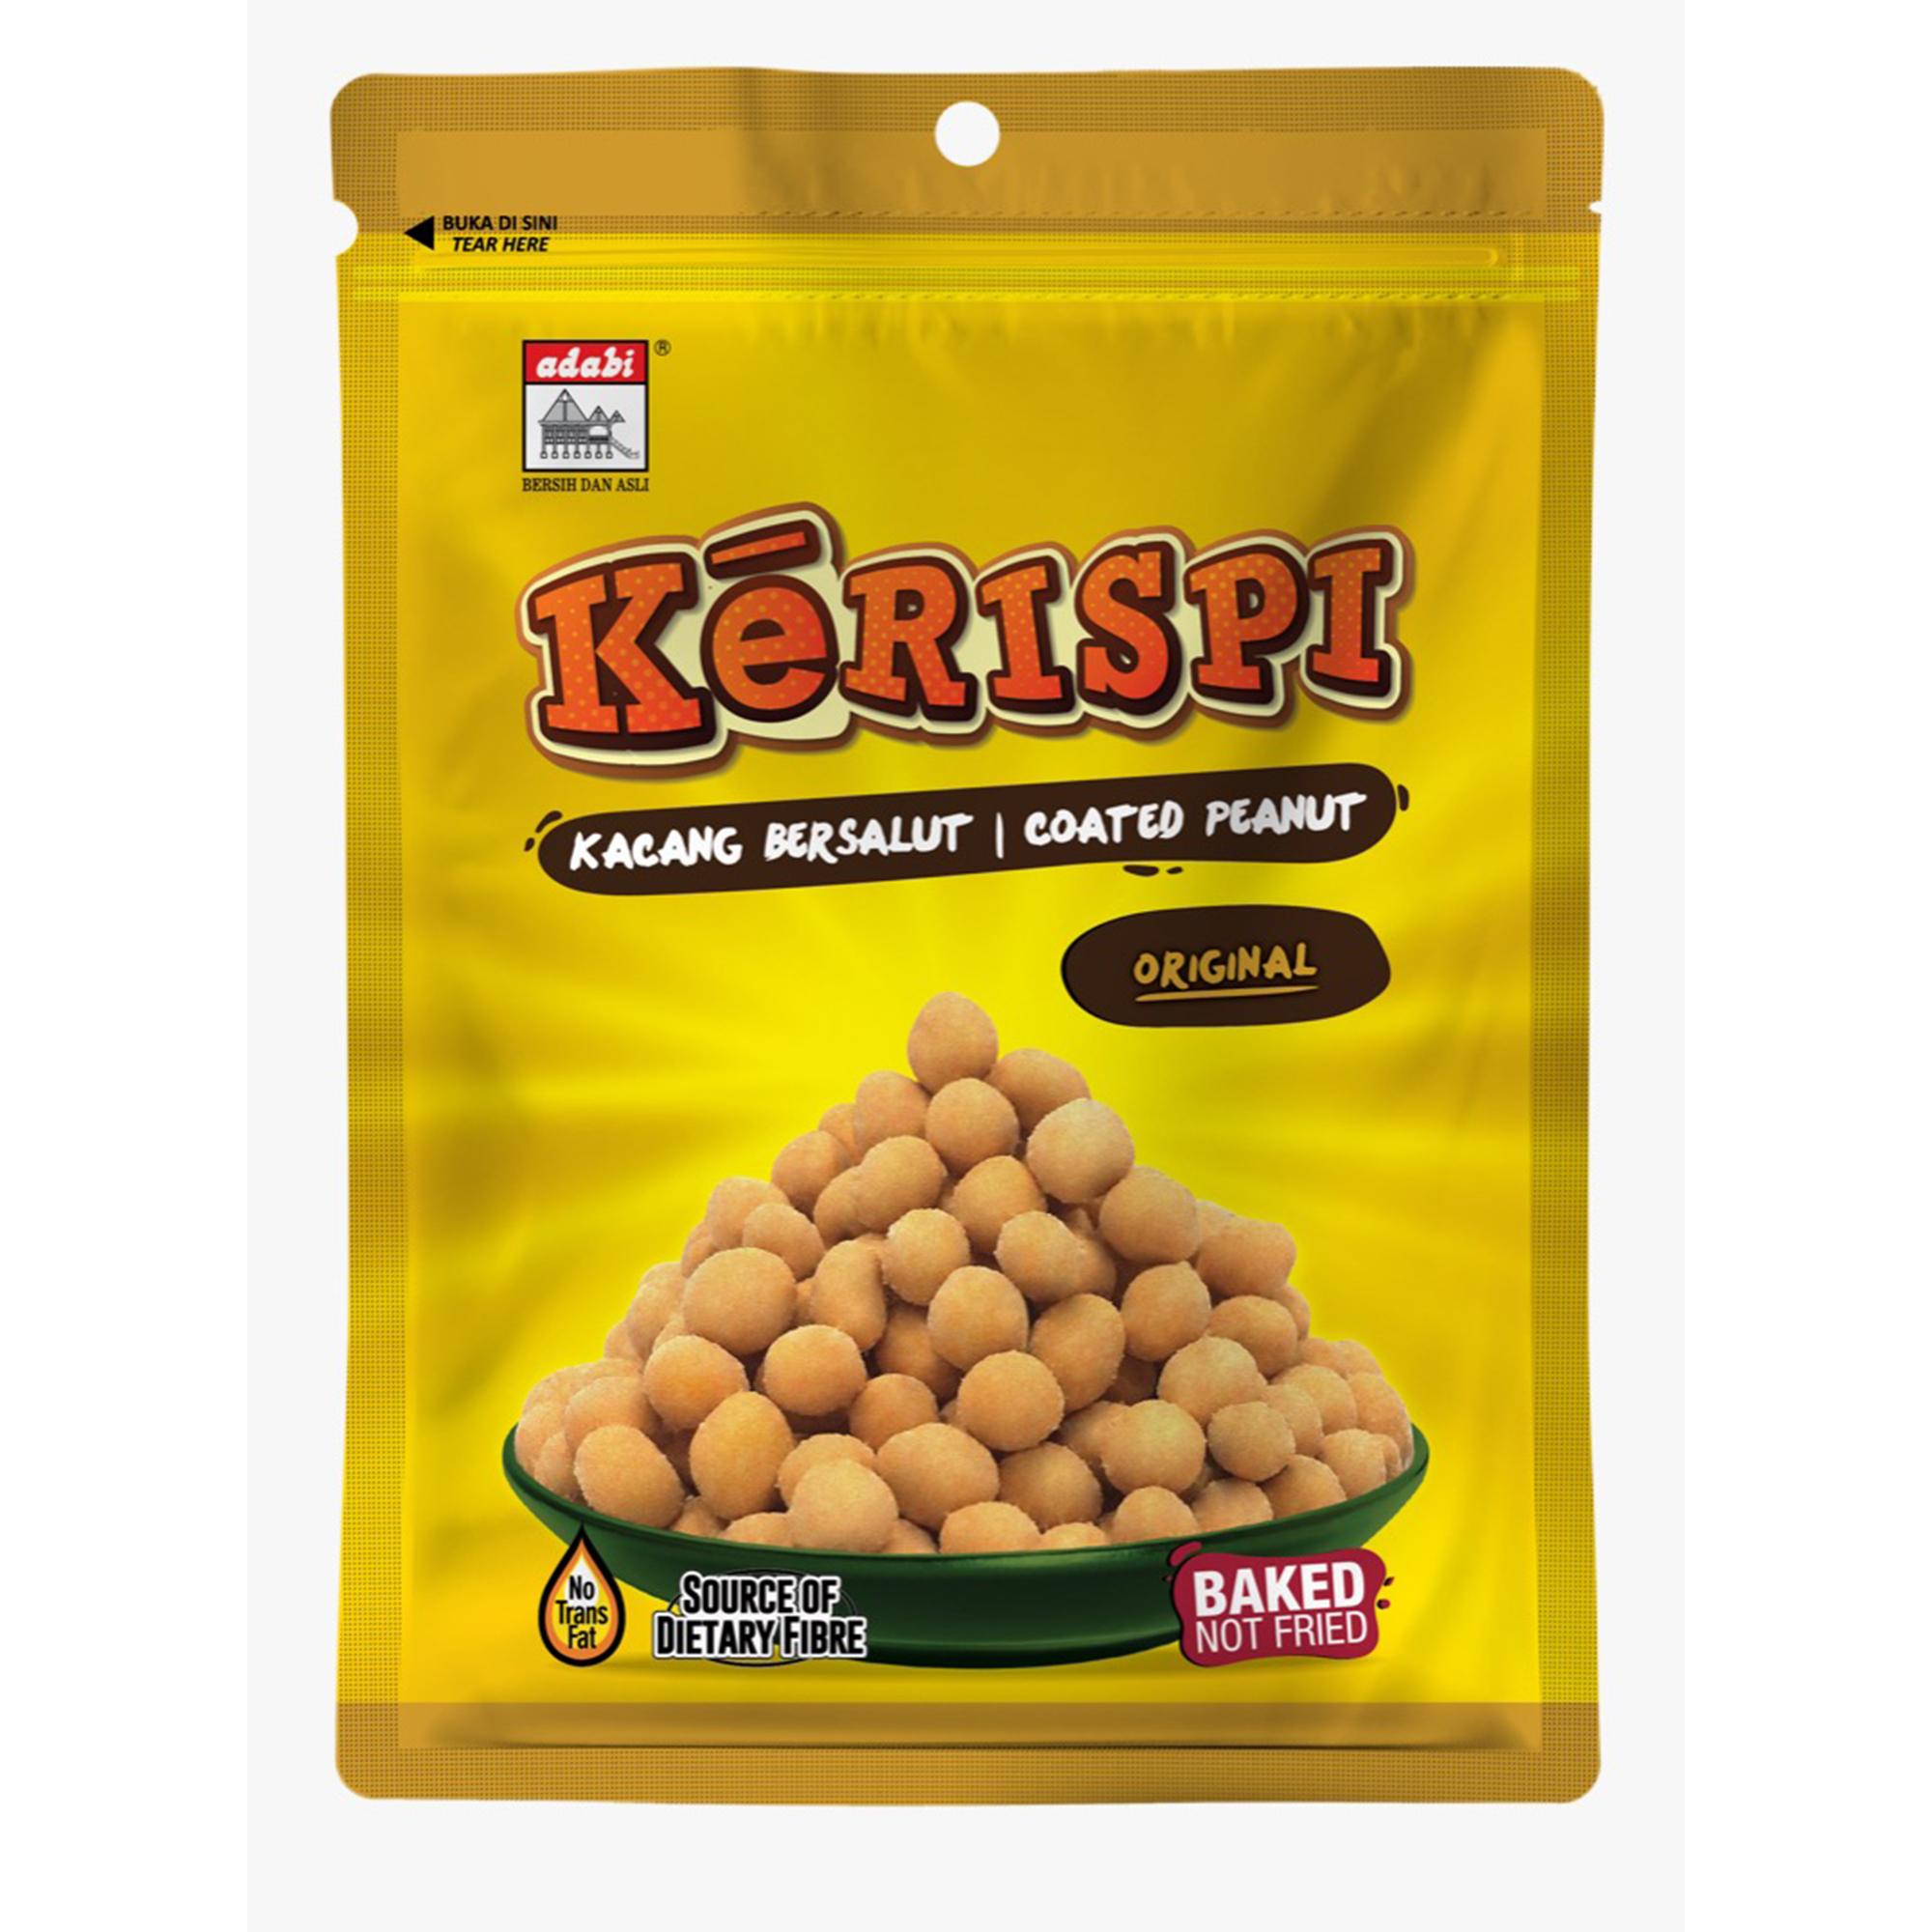 Kerispi Coated Peanut Original 120g (1).jpg